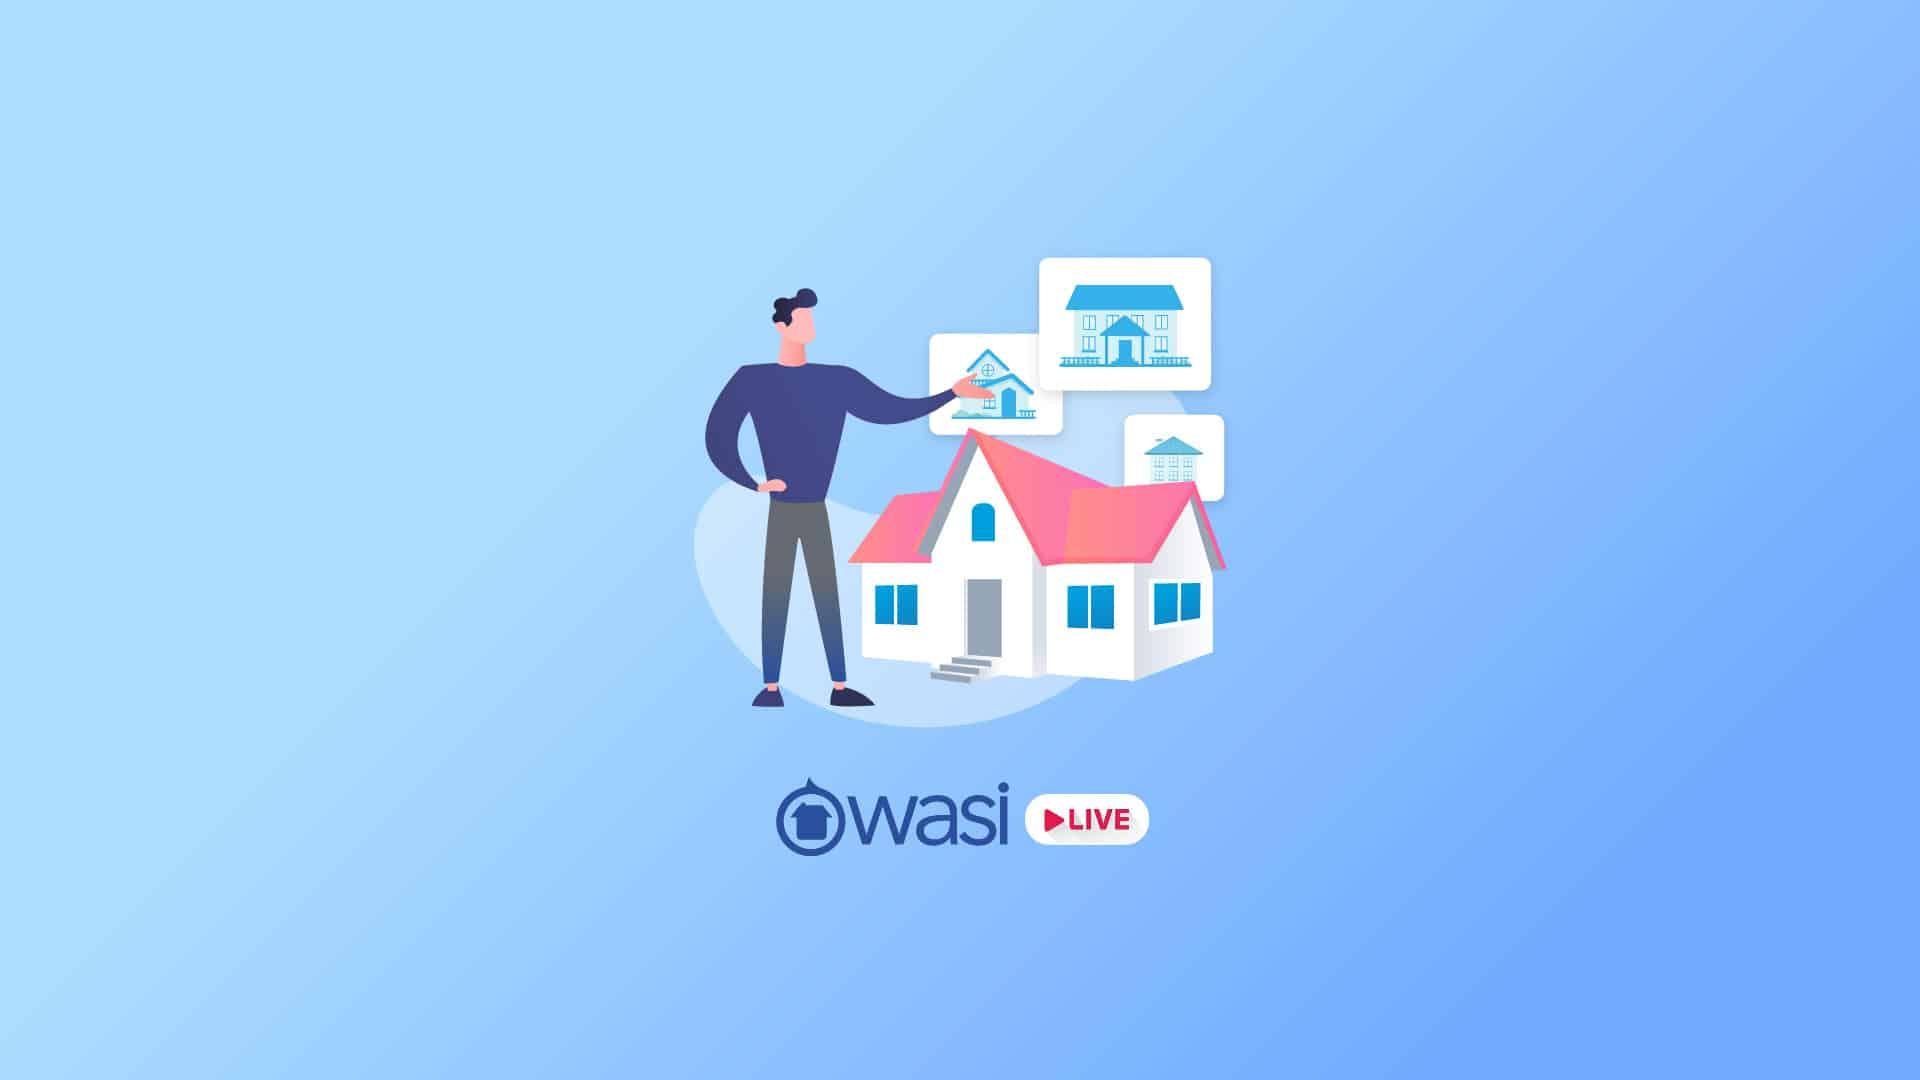 Wasi live: Conviértete en un profesional inmobiliario desde el primer día